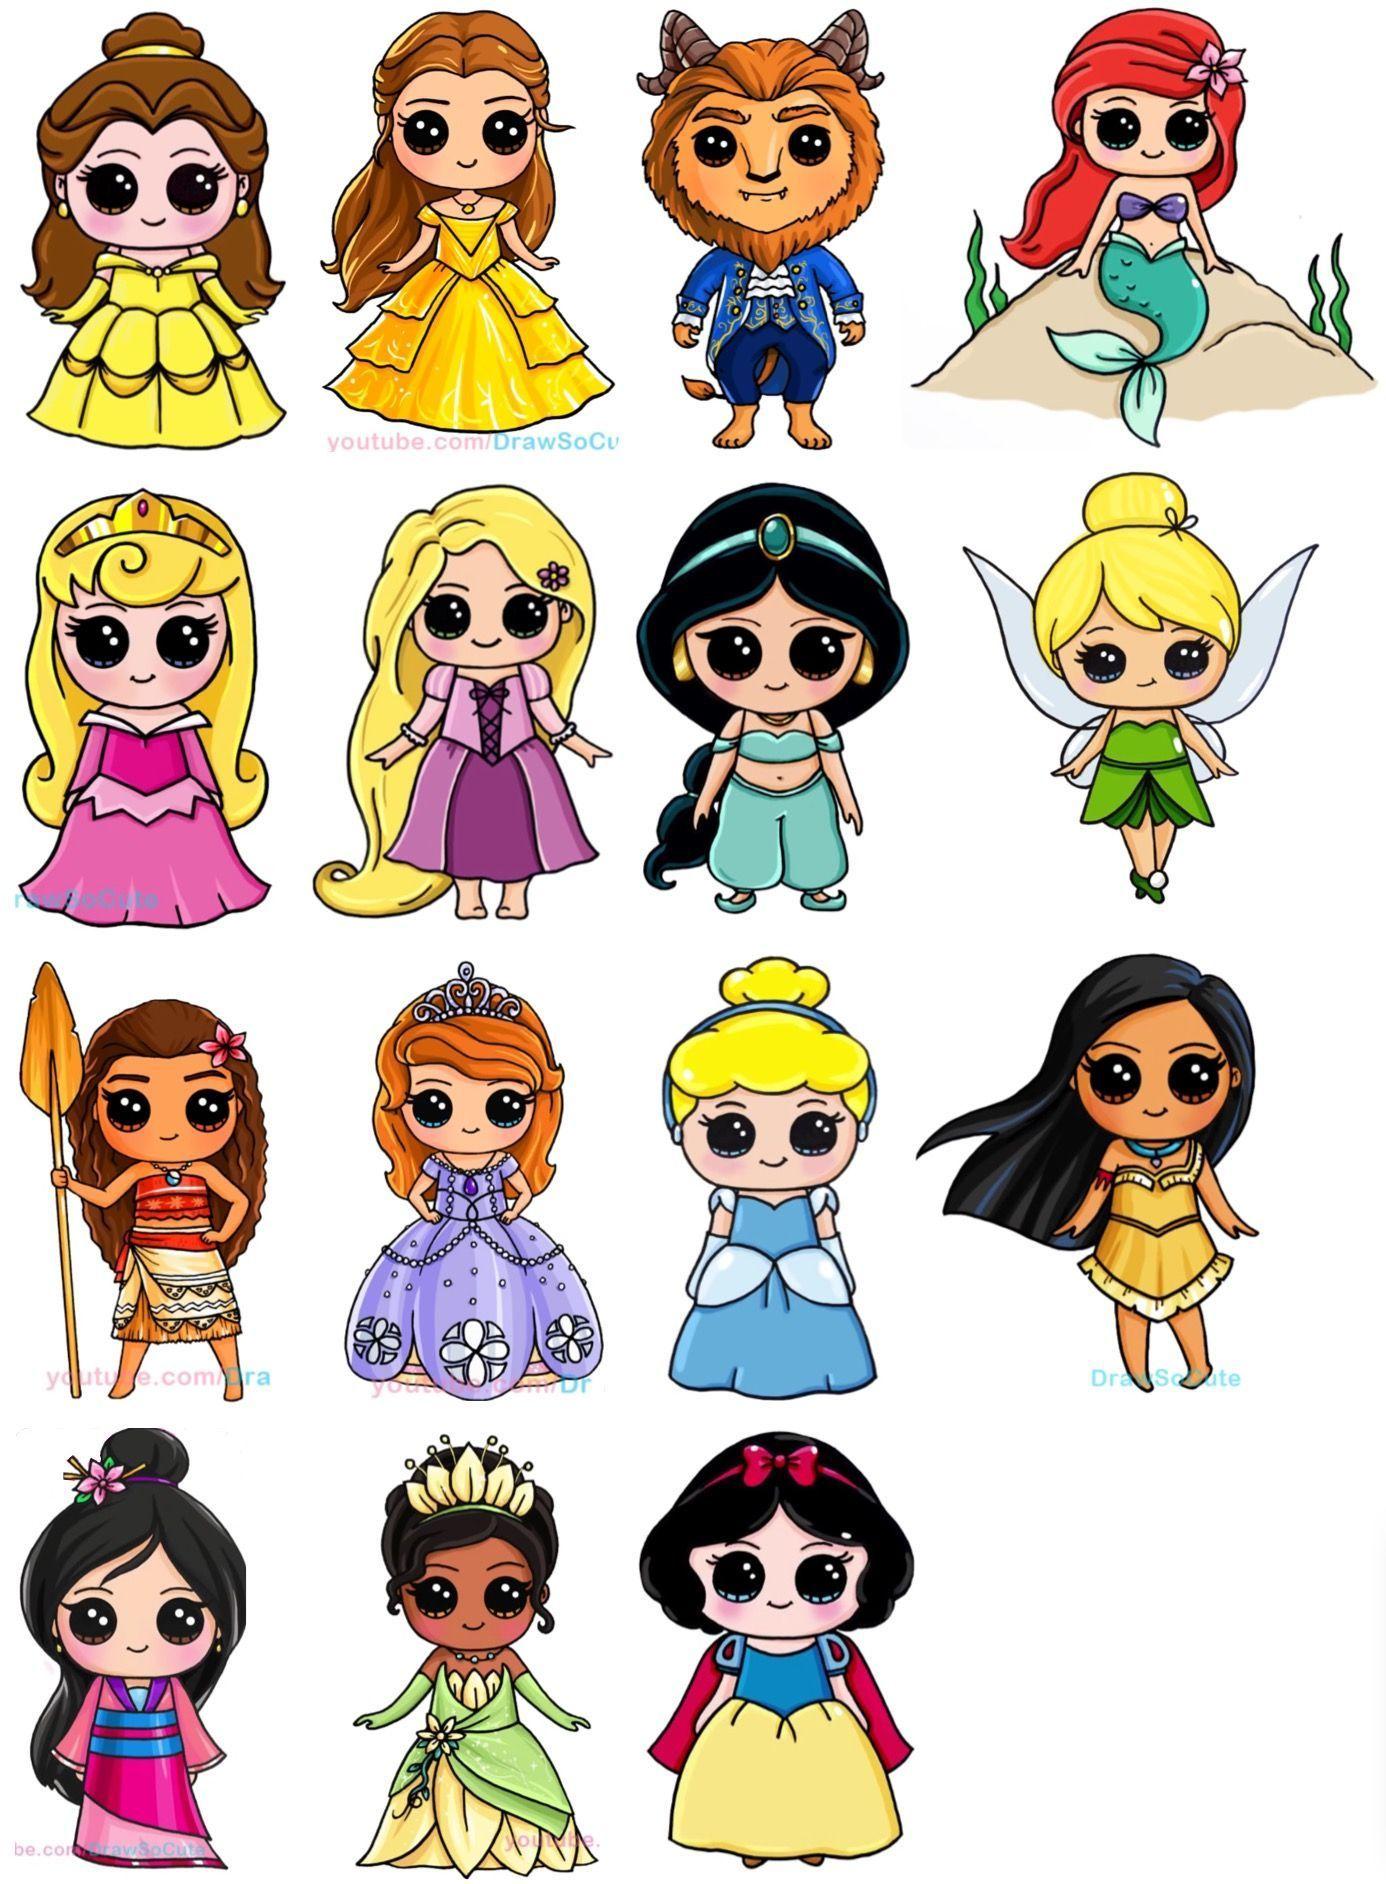 12 Captivating Drawing On Creativity Ideas In 2020 Princess Cartoon Cute Disney Drawings Disney Princess Cartoons